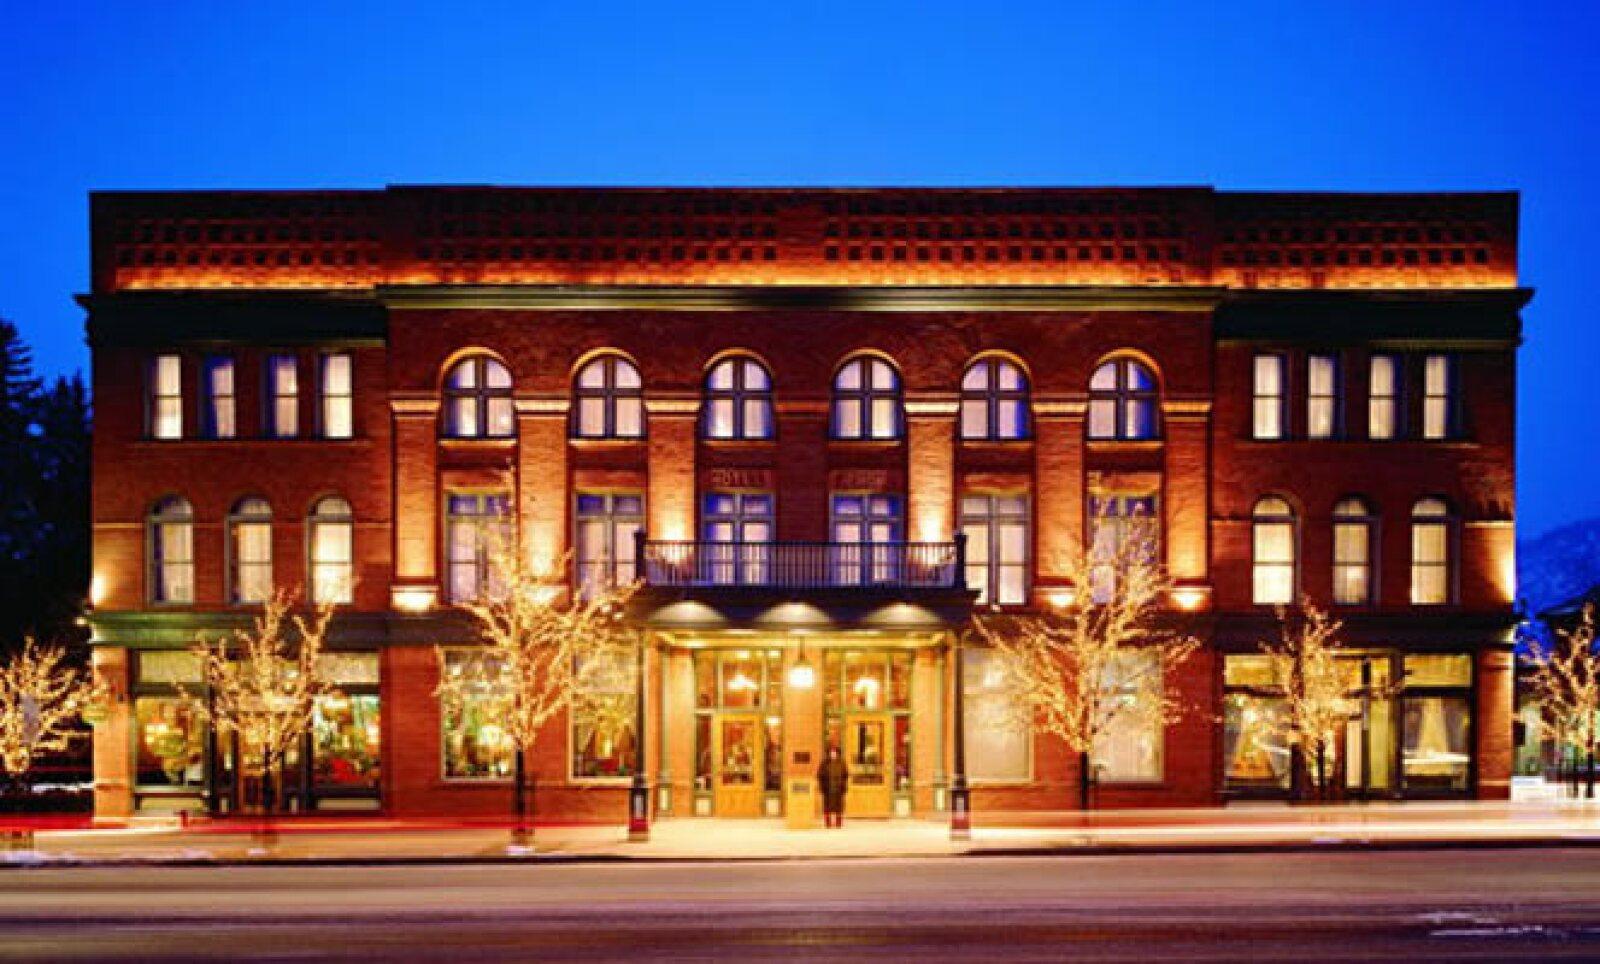 Auberge Resorts anunció que la empresa asumirá a partir del próximo 1° de noviembre la administración del Hotel Jérôme en Aspen, Colorado.